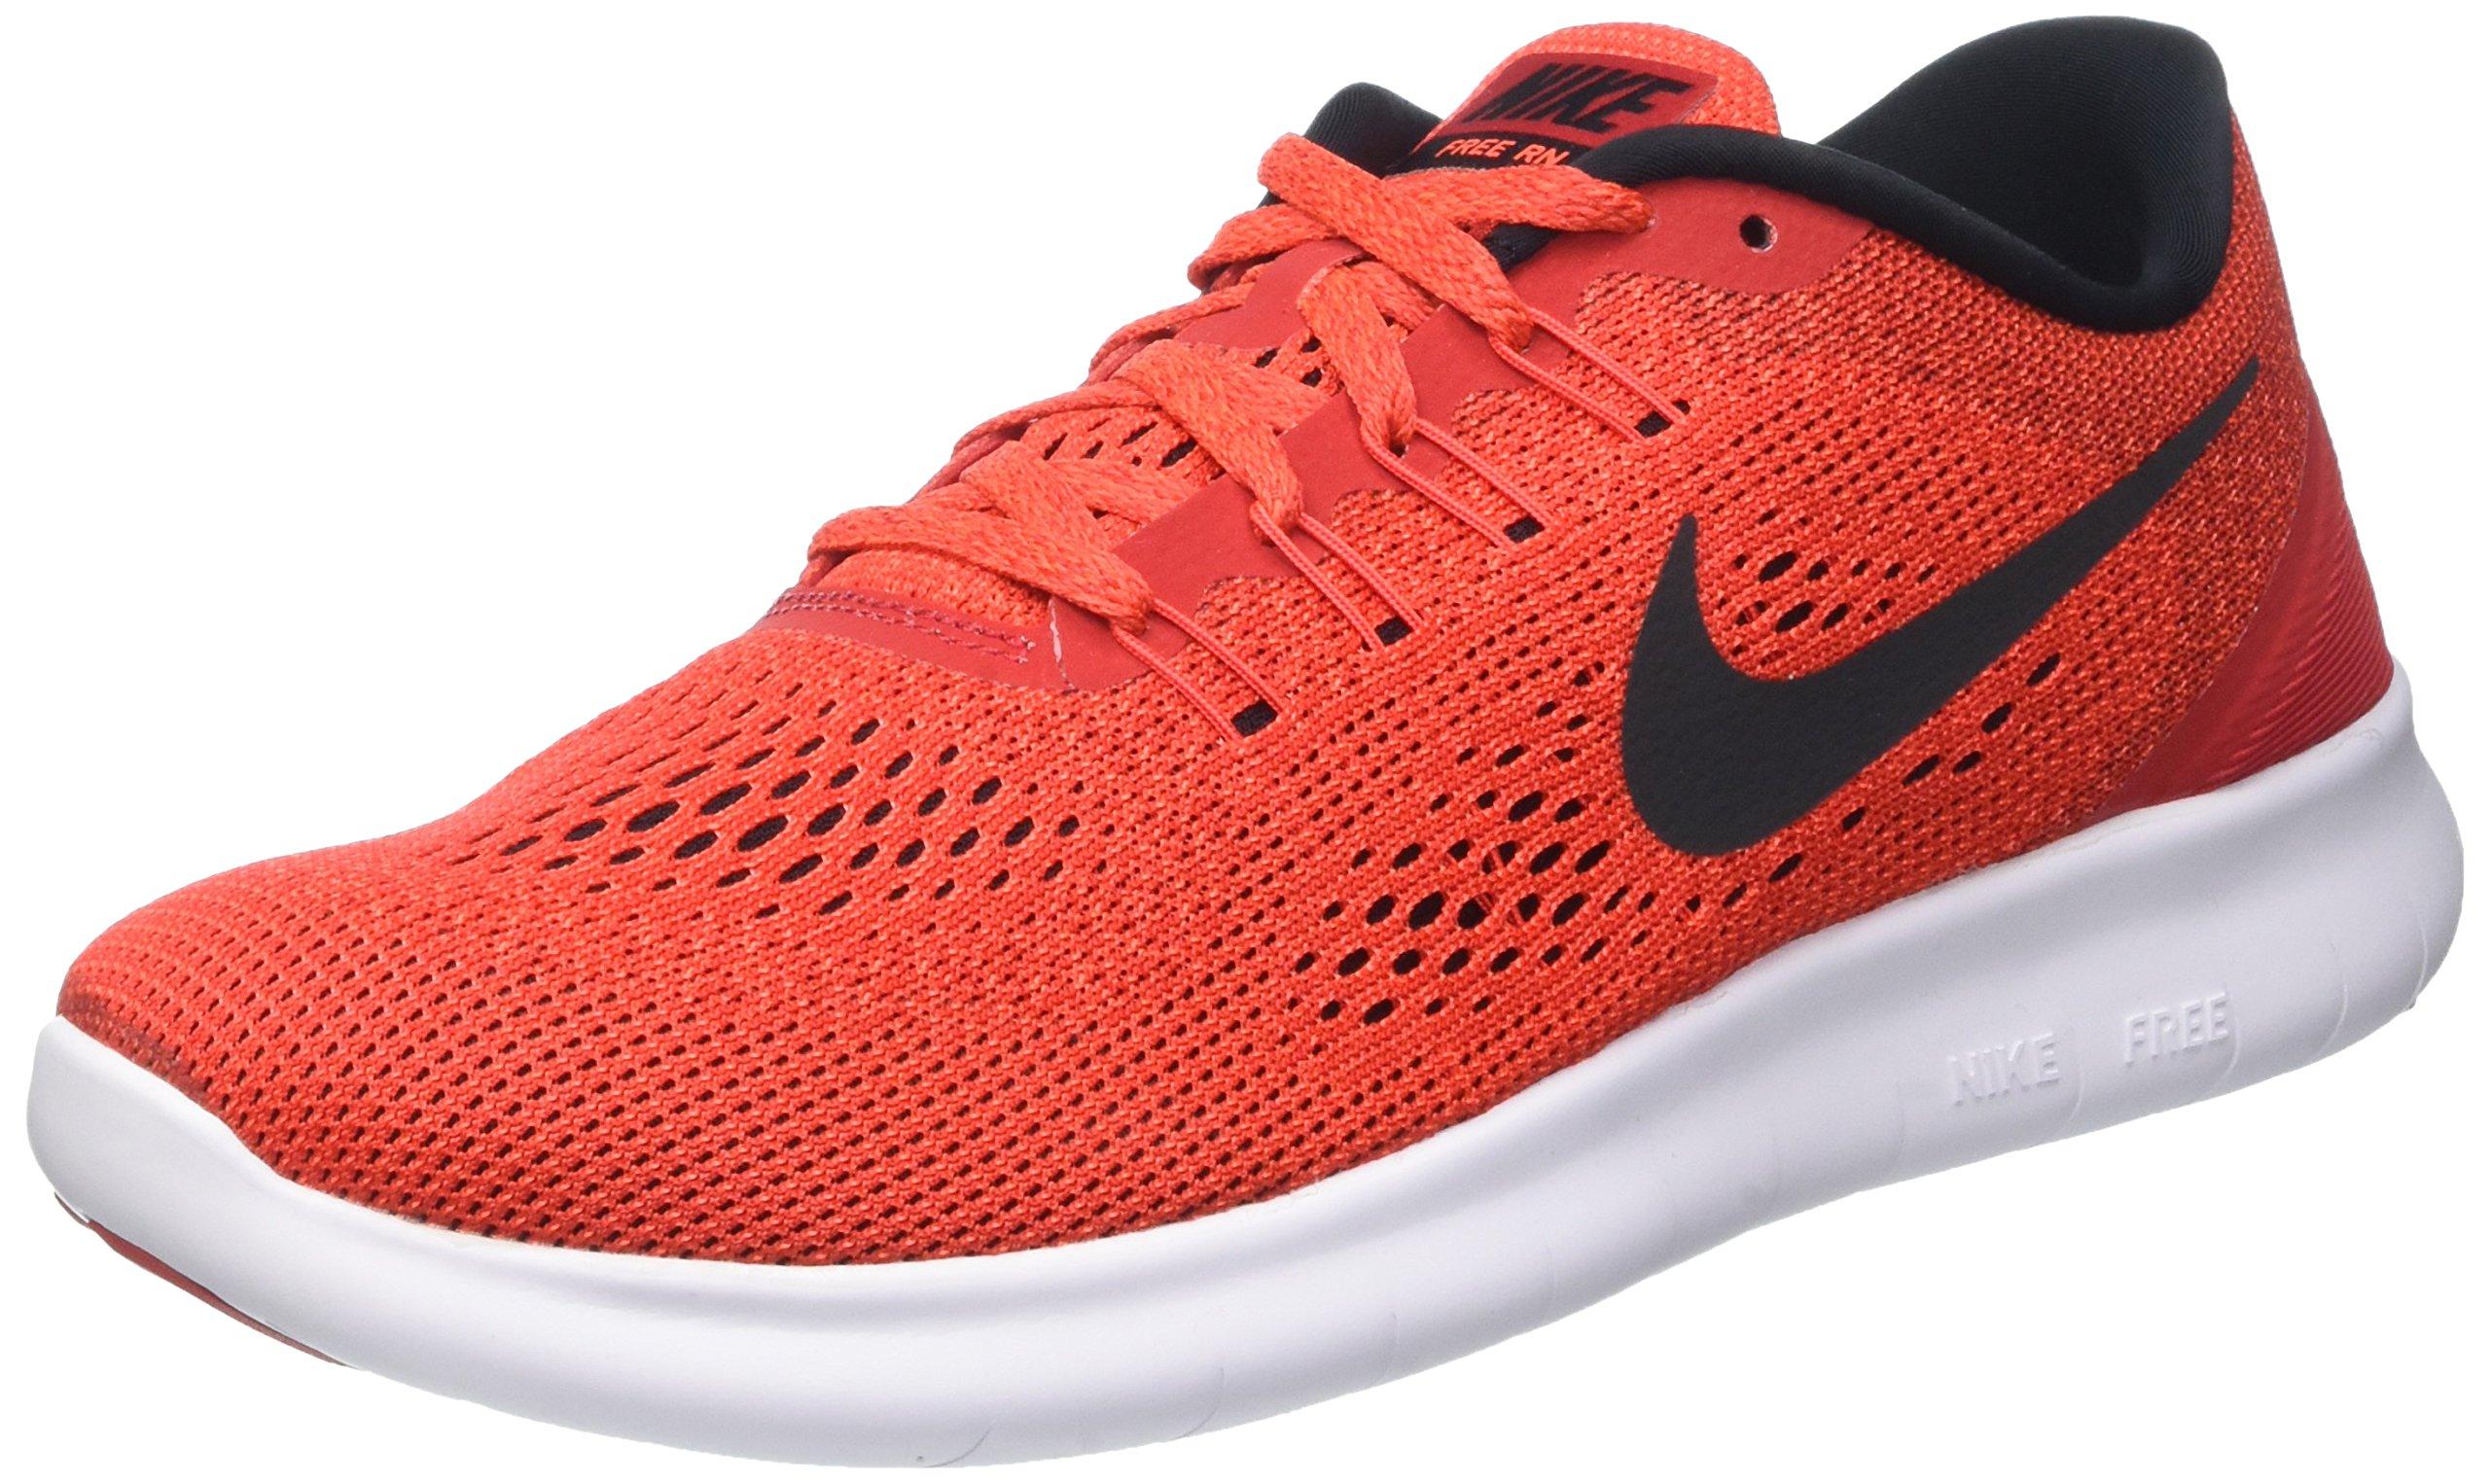 Nike Men's Free RN Distance Running Shoe-University Red/Black-8